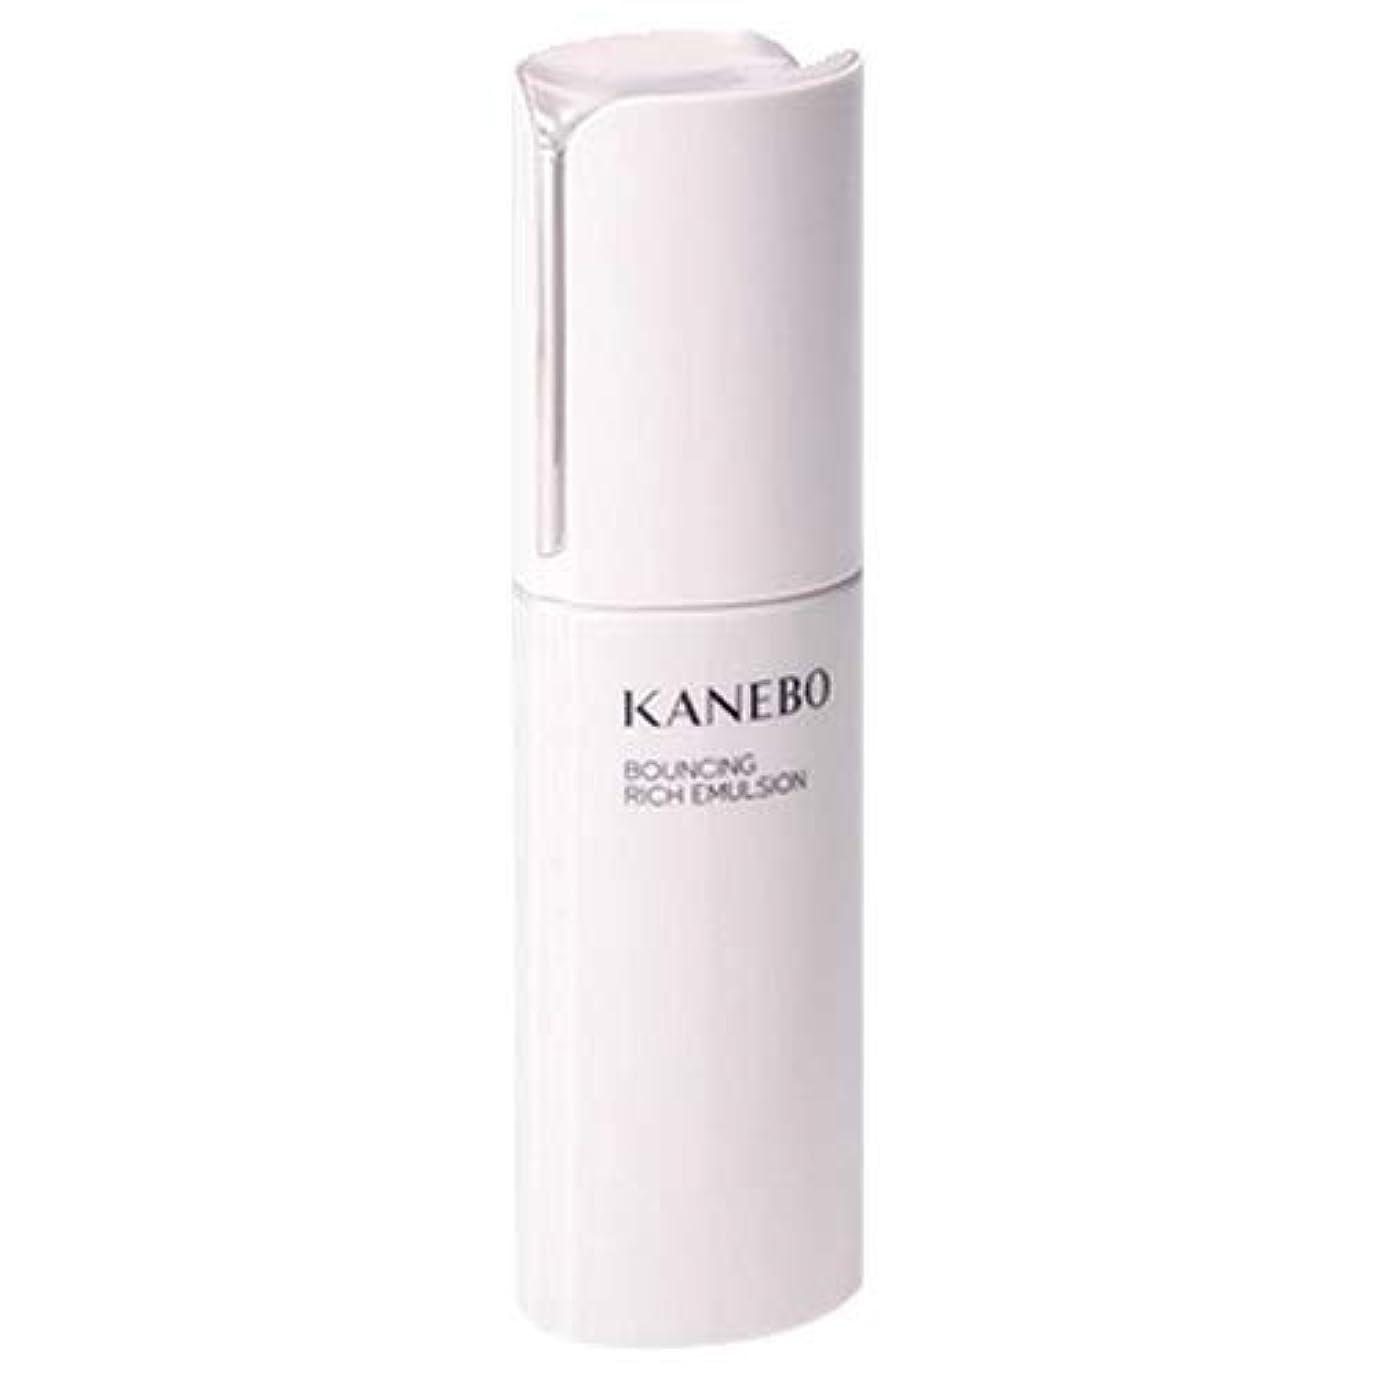 認可重さ敬意を表するカネボウ KANEBO 乳液 バウンシング リッチ エマルジョン 100ml [並行輸入品]